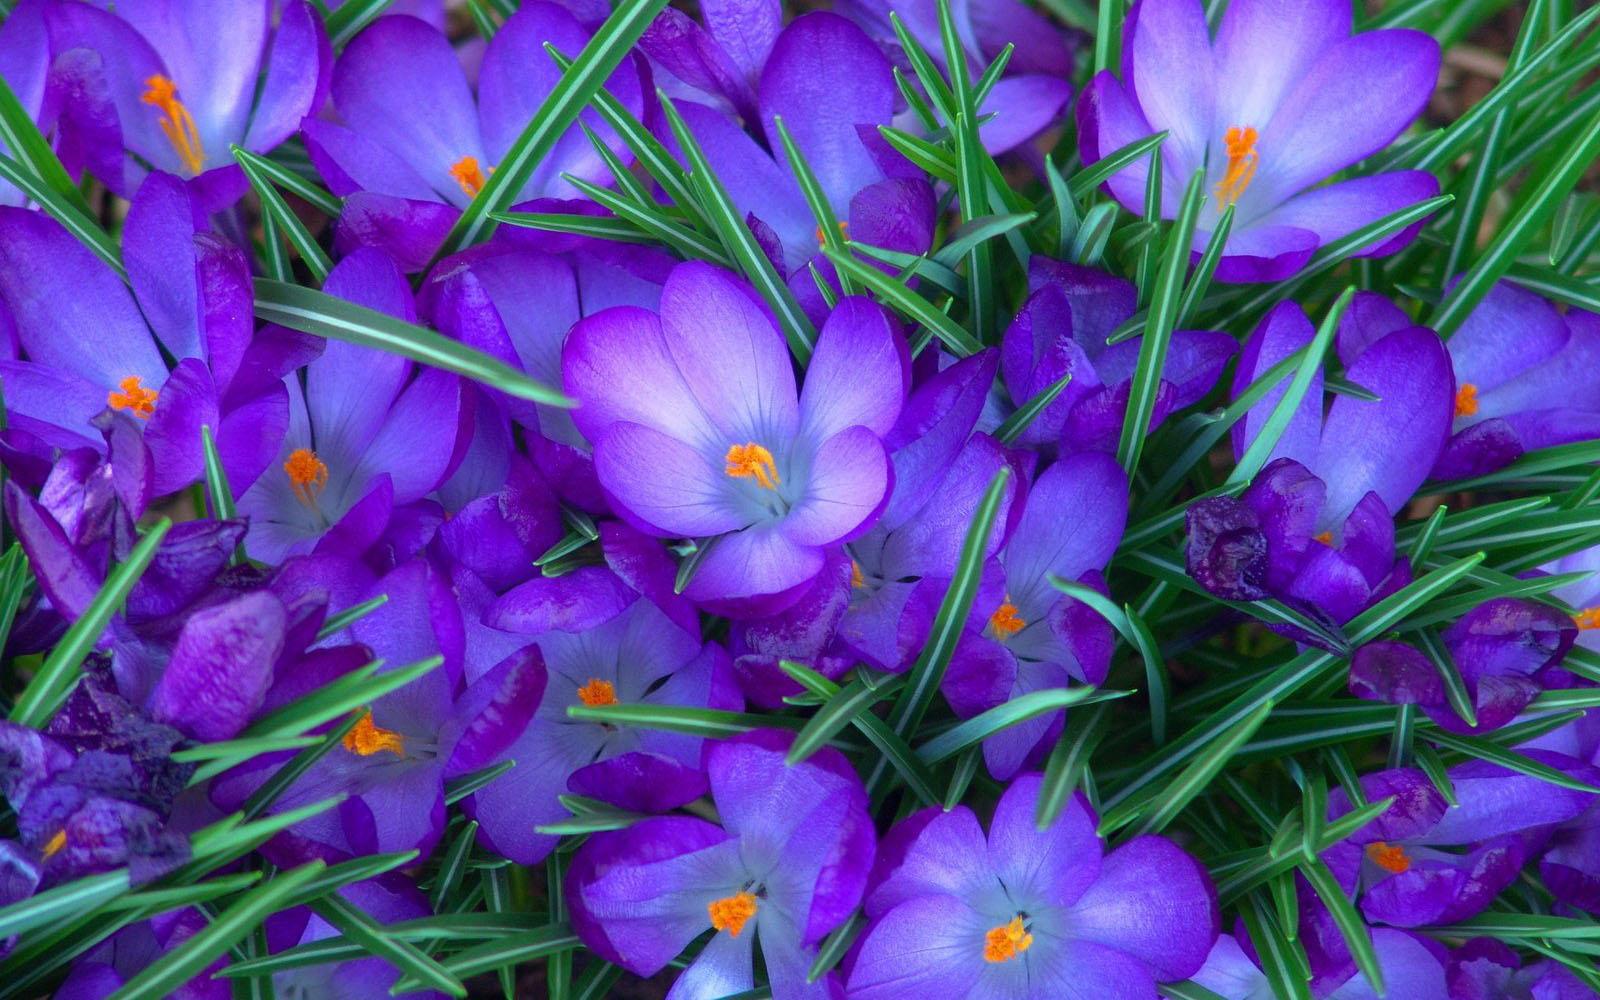 purple flower desktop wallpaper - photo #11